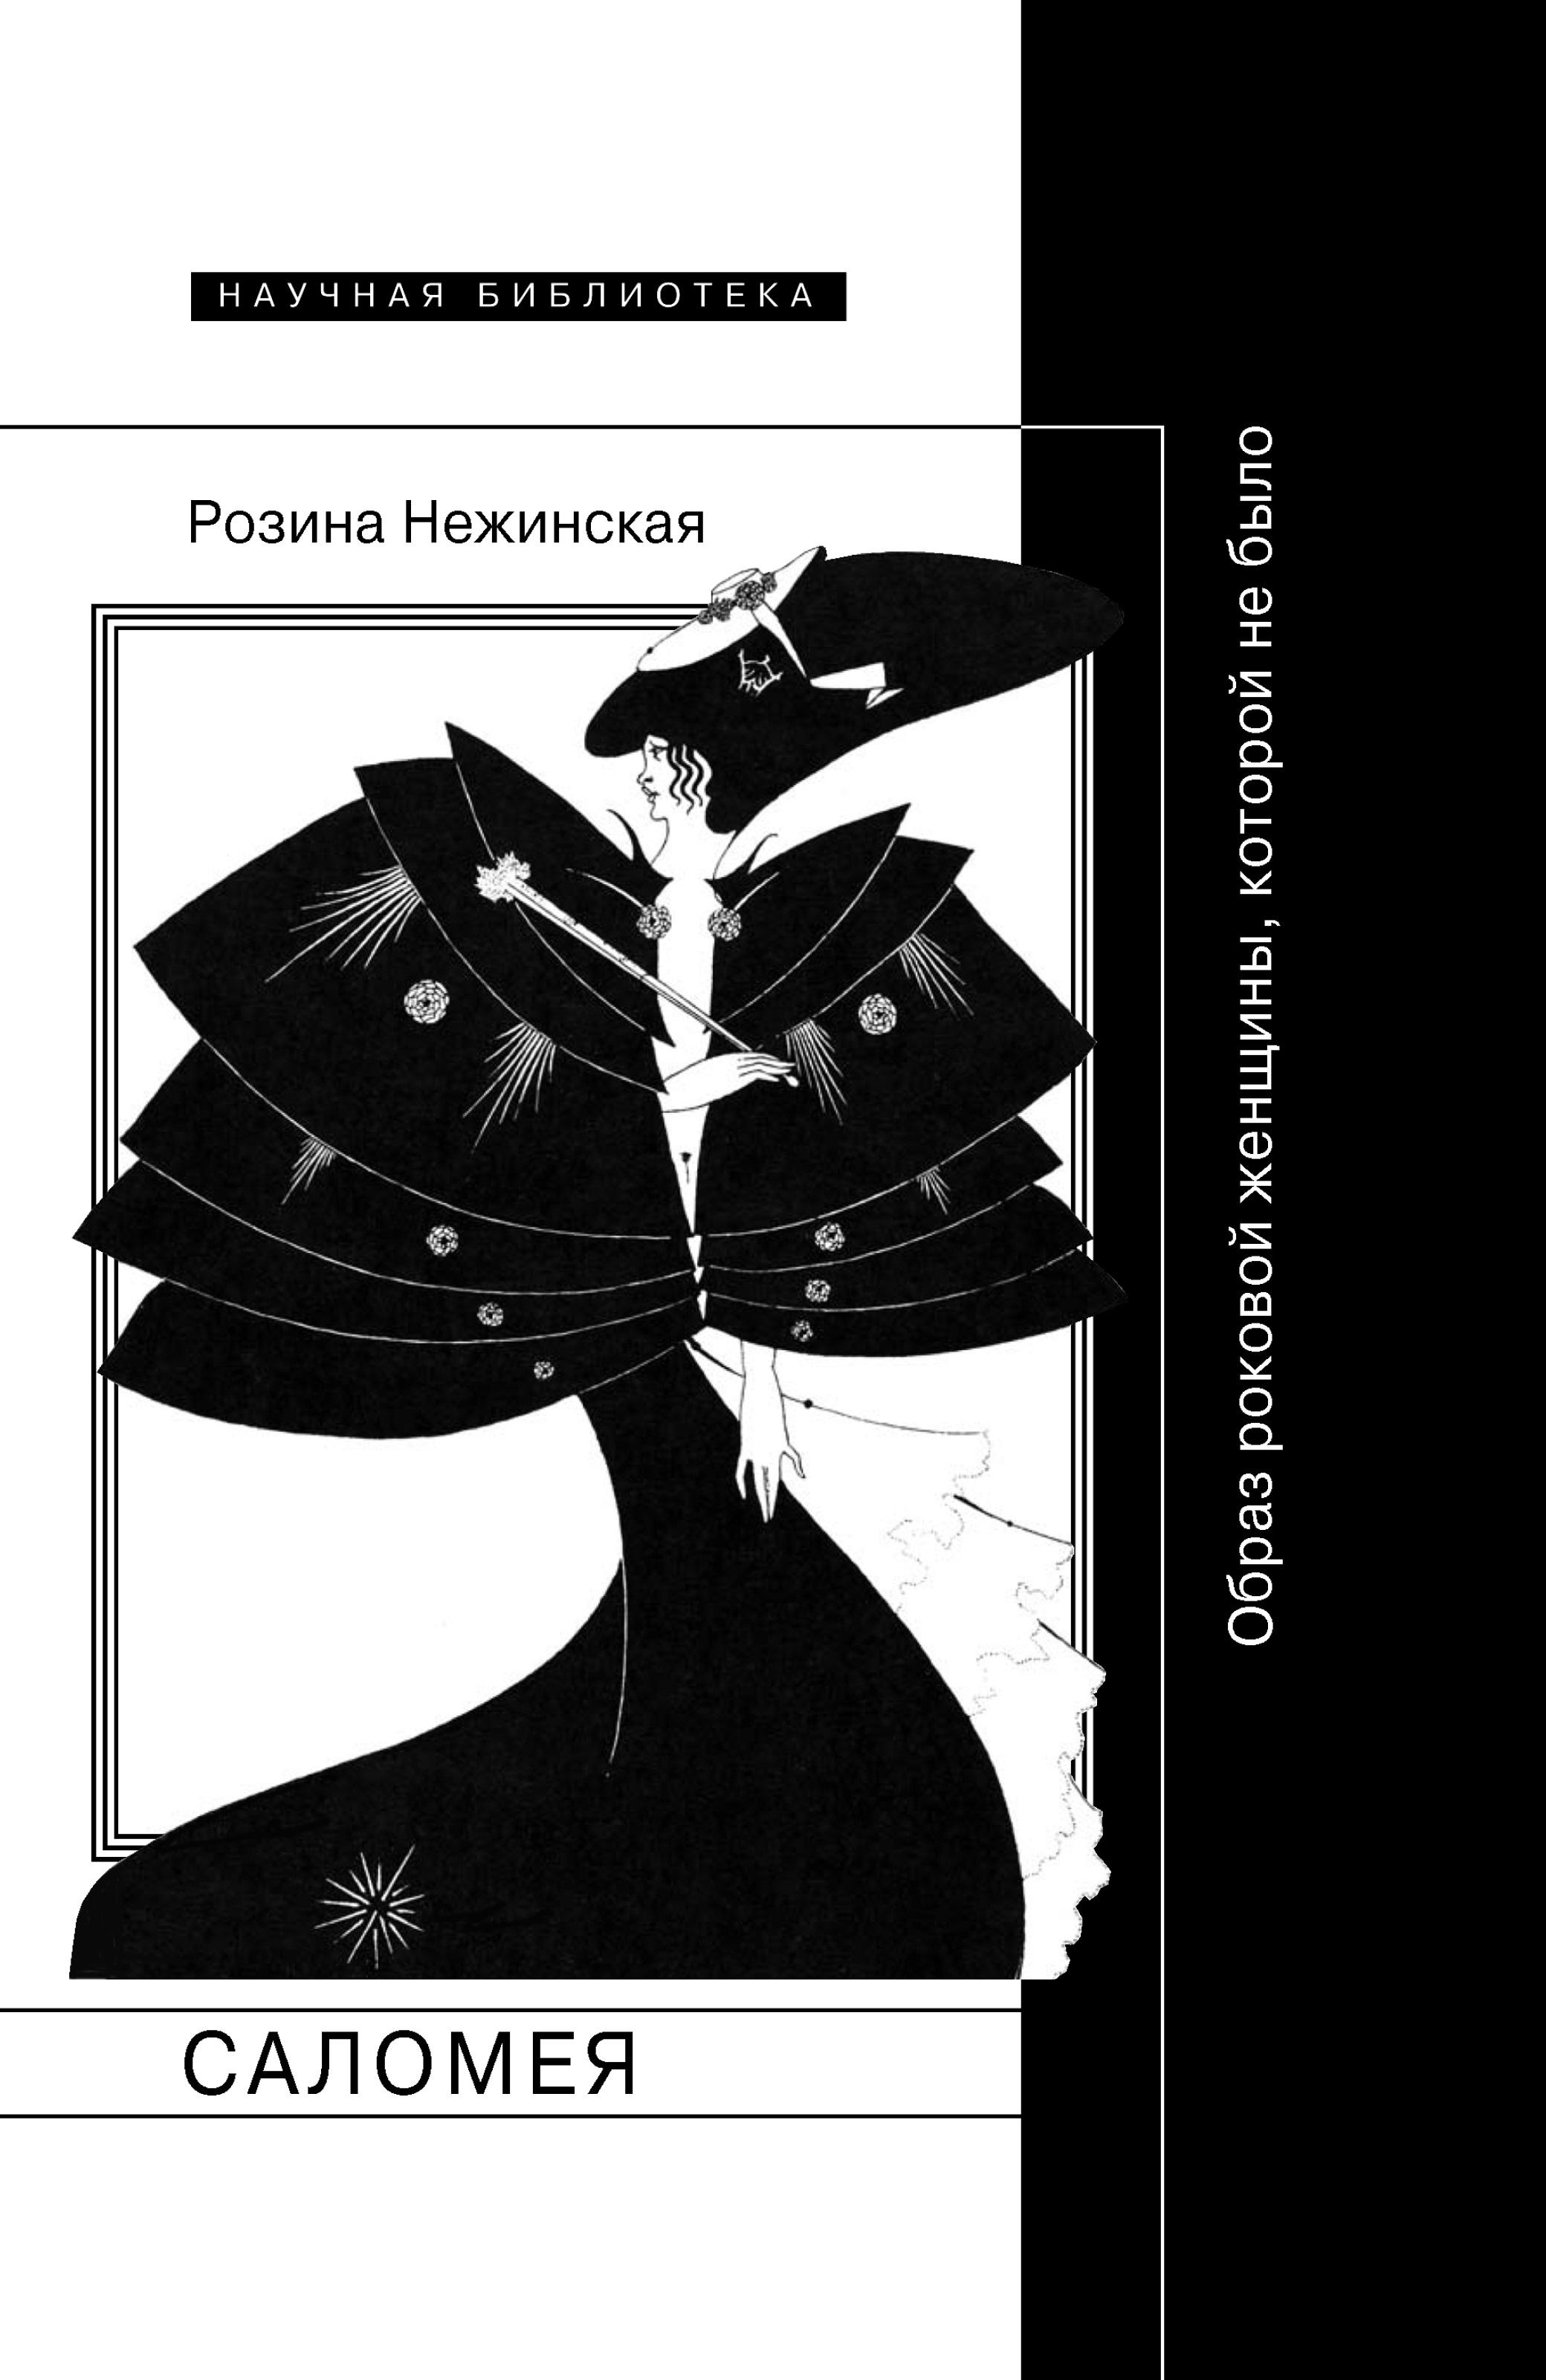 Розина Нежинская Саломея. Образ роковой женщины, которой не было карих в саломея танец для царя ирода